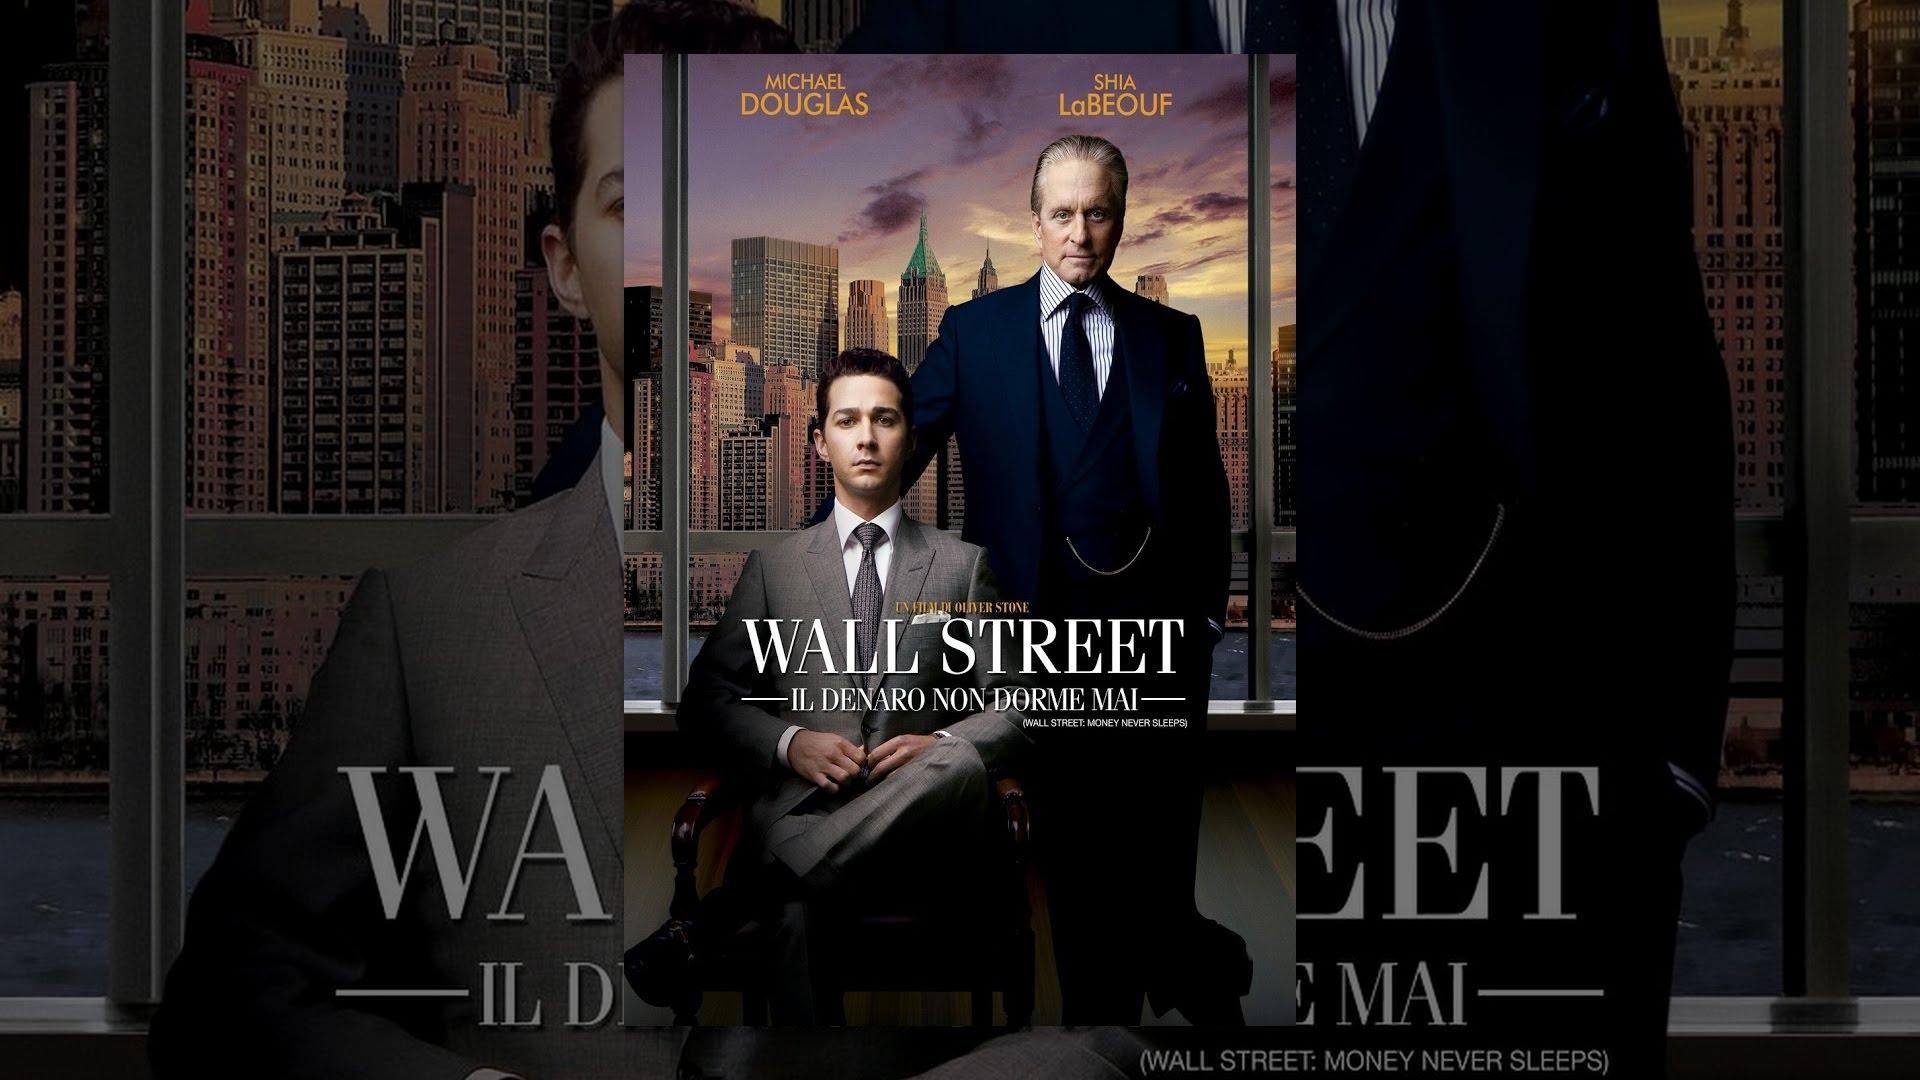 Wall street il denaro non dorme mai amazon it michael douglas - Wall Street Il Denaro Non Dorme Mai